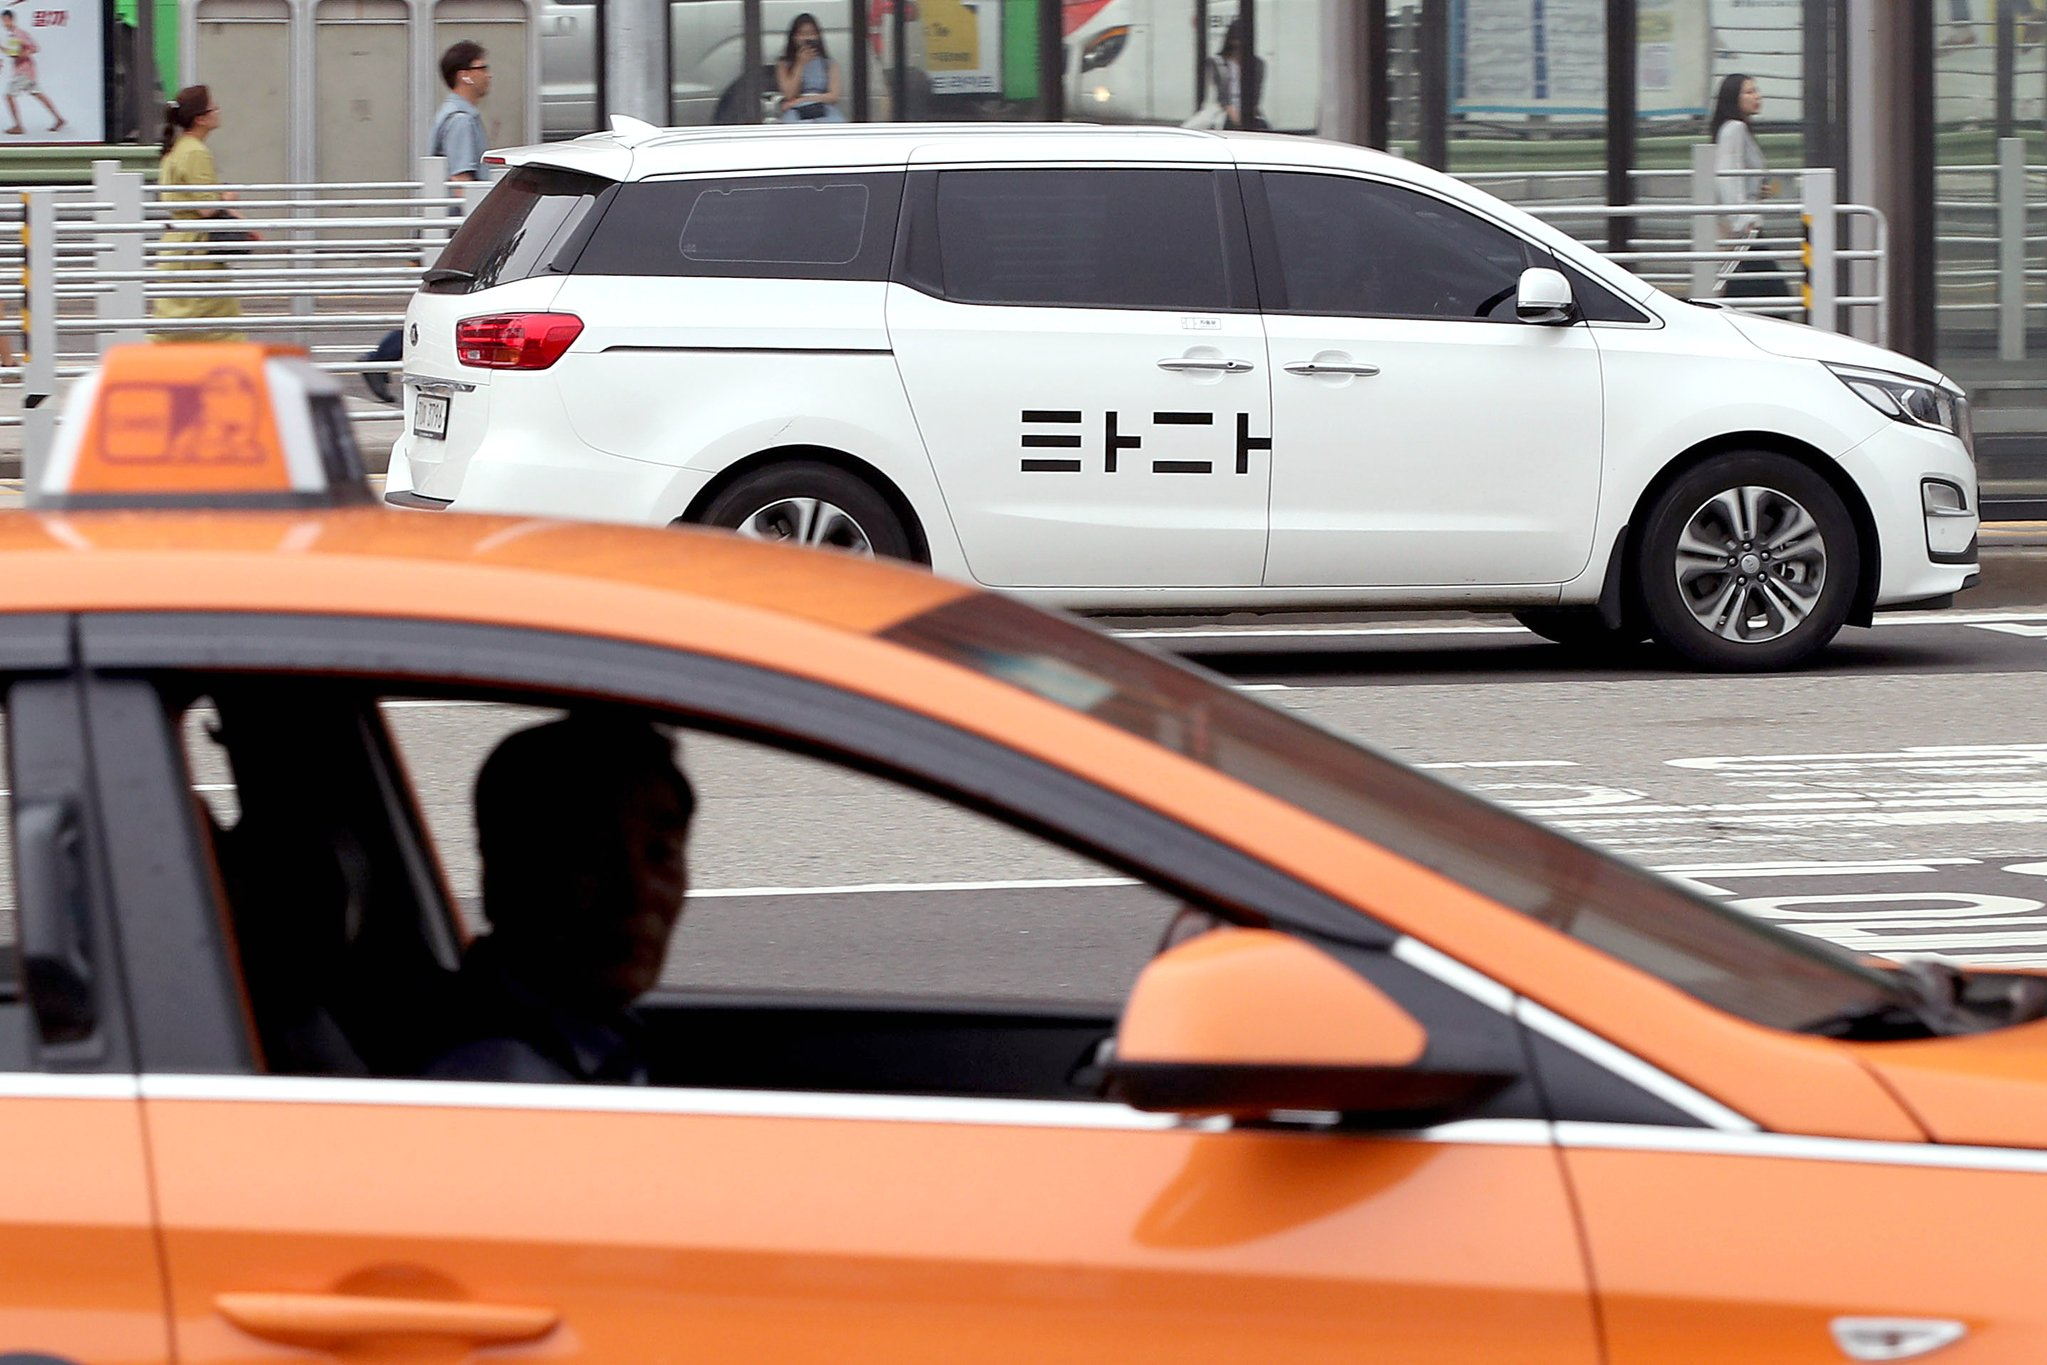 정부가 지난달 17일 발표한 '혁신성장과 상생발전을 위한 택시제도 개편방안'을 두고 논란이 계속되고 있다. [뉴스 1]